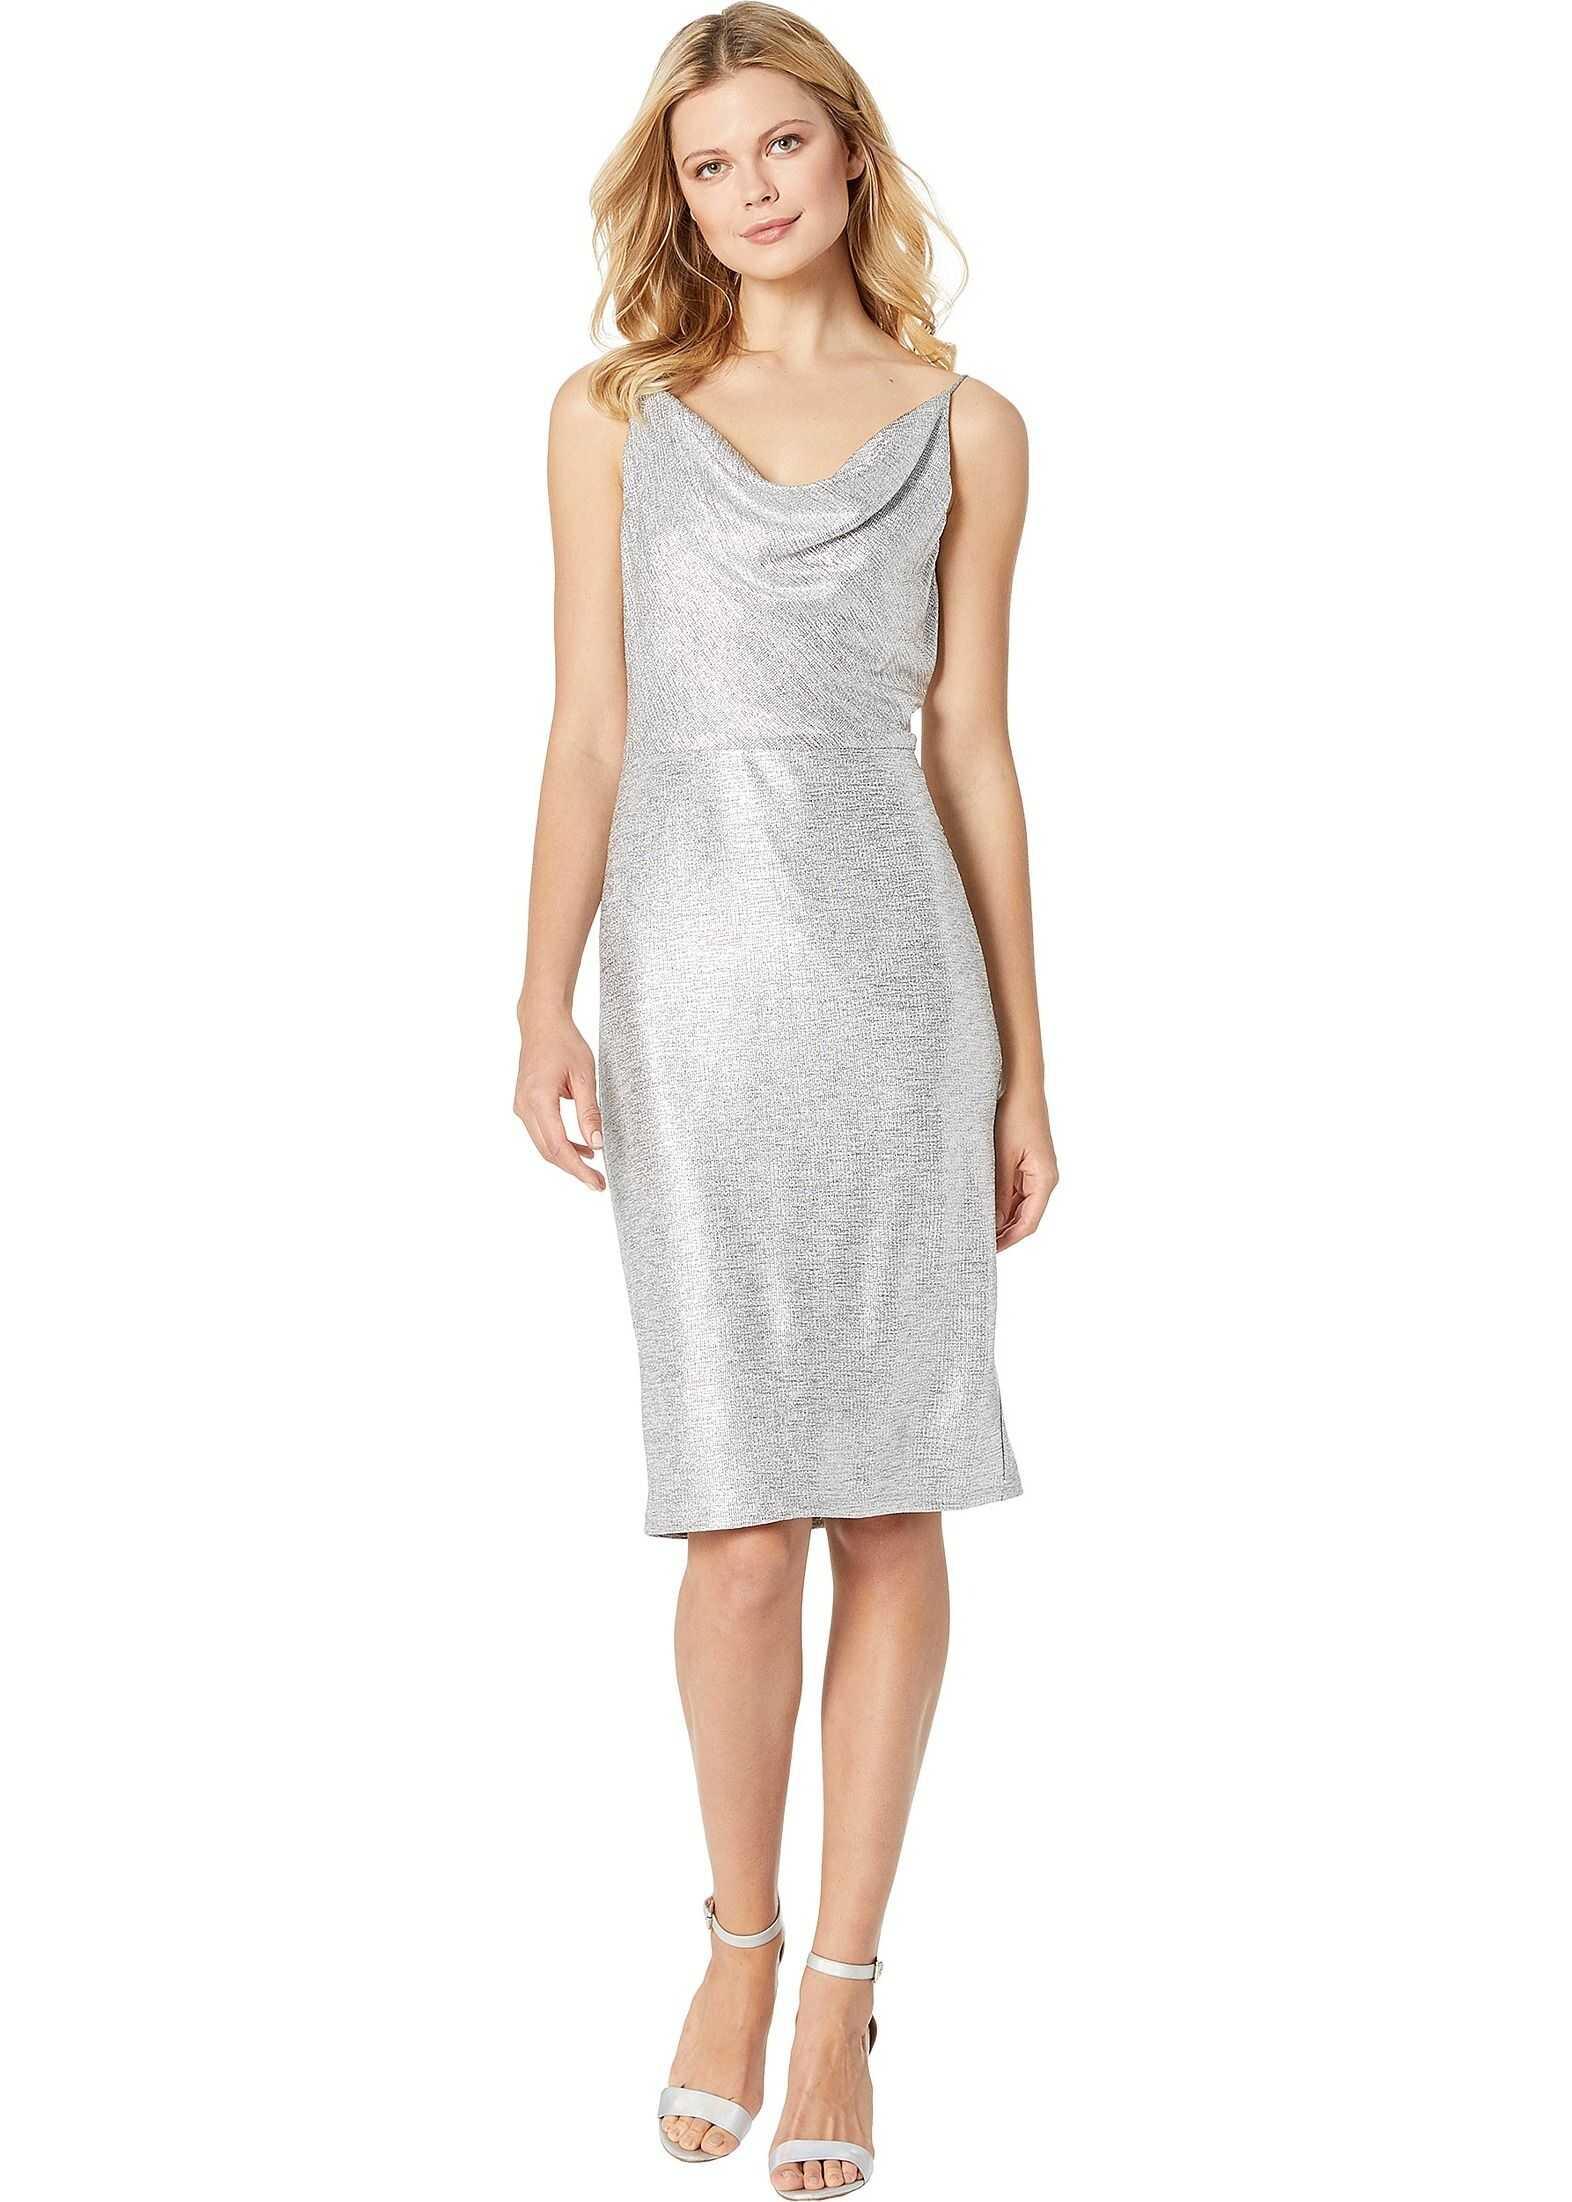 Adrianna Papell Halter Short Dress Silver